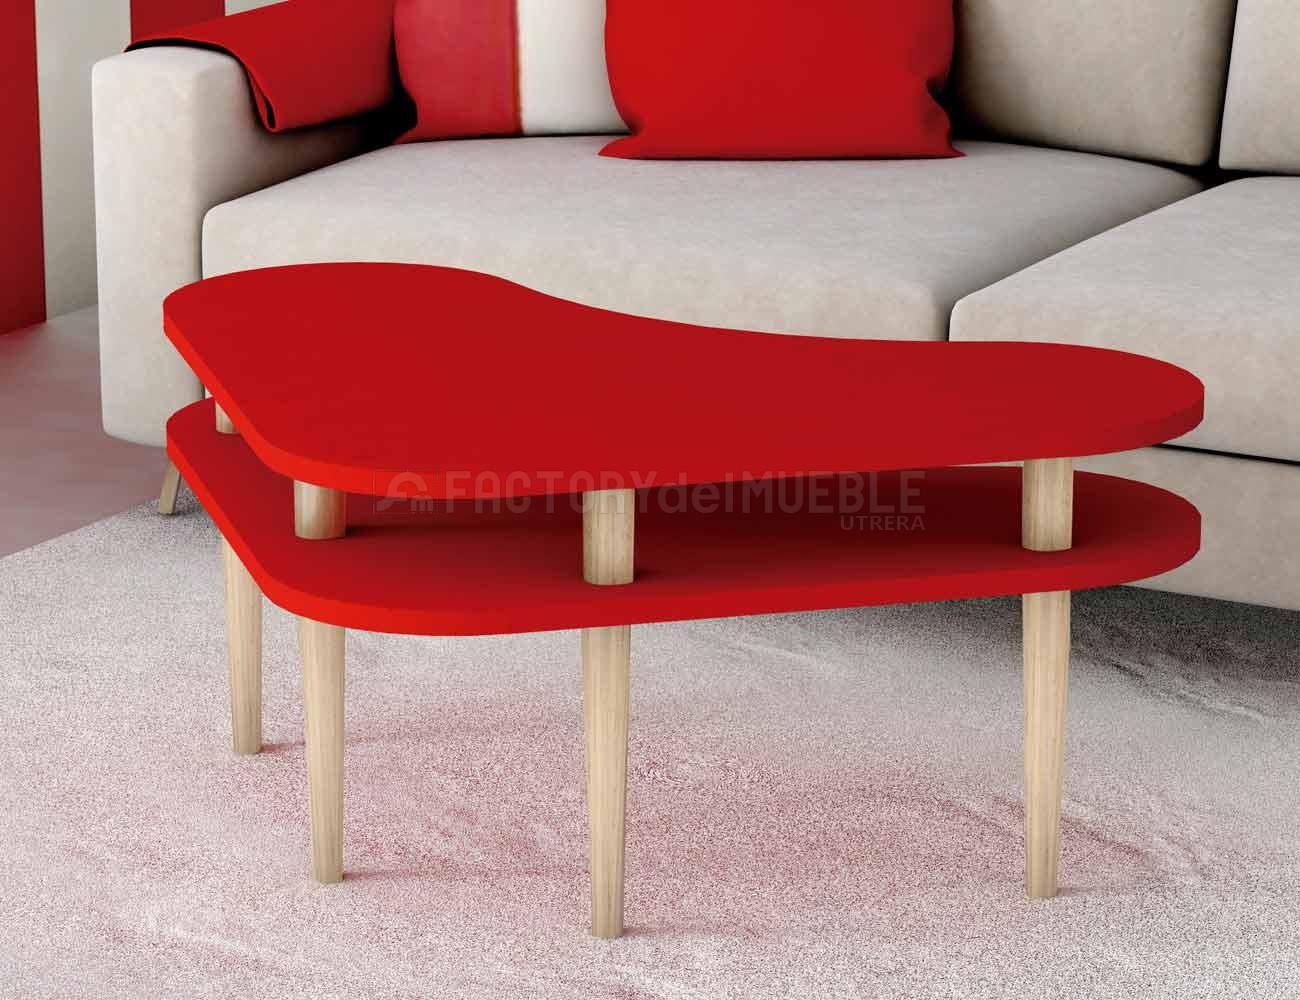 Mesa centro forma corazon rojo